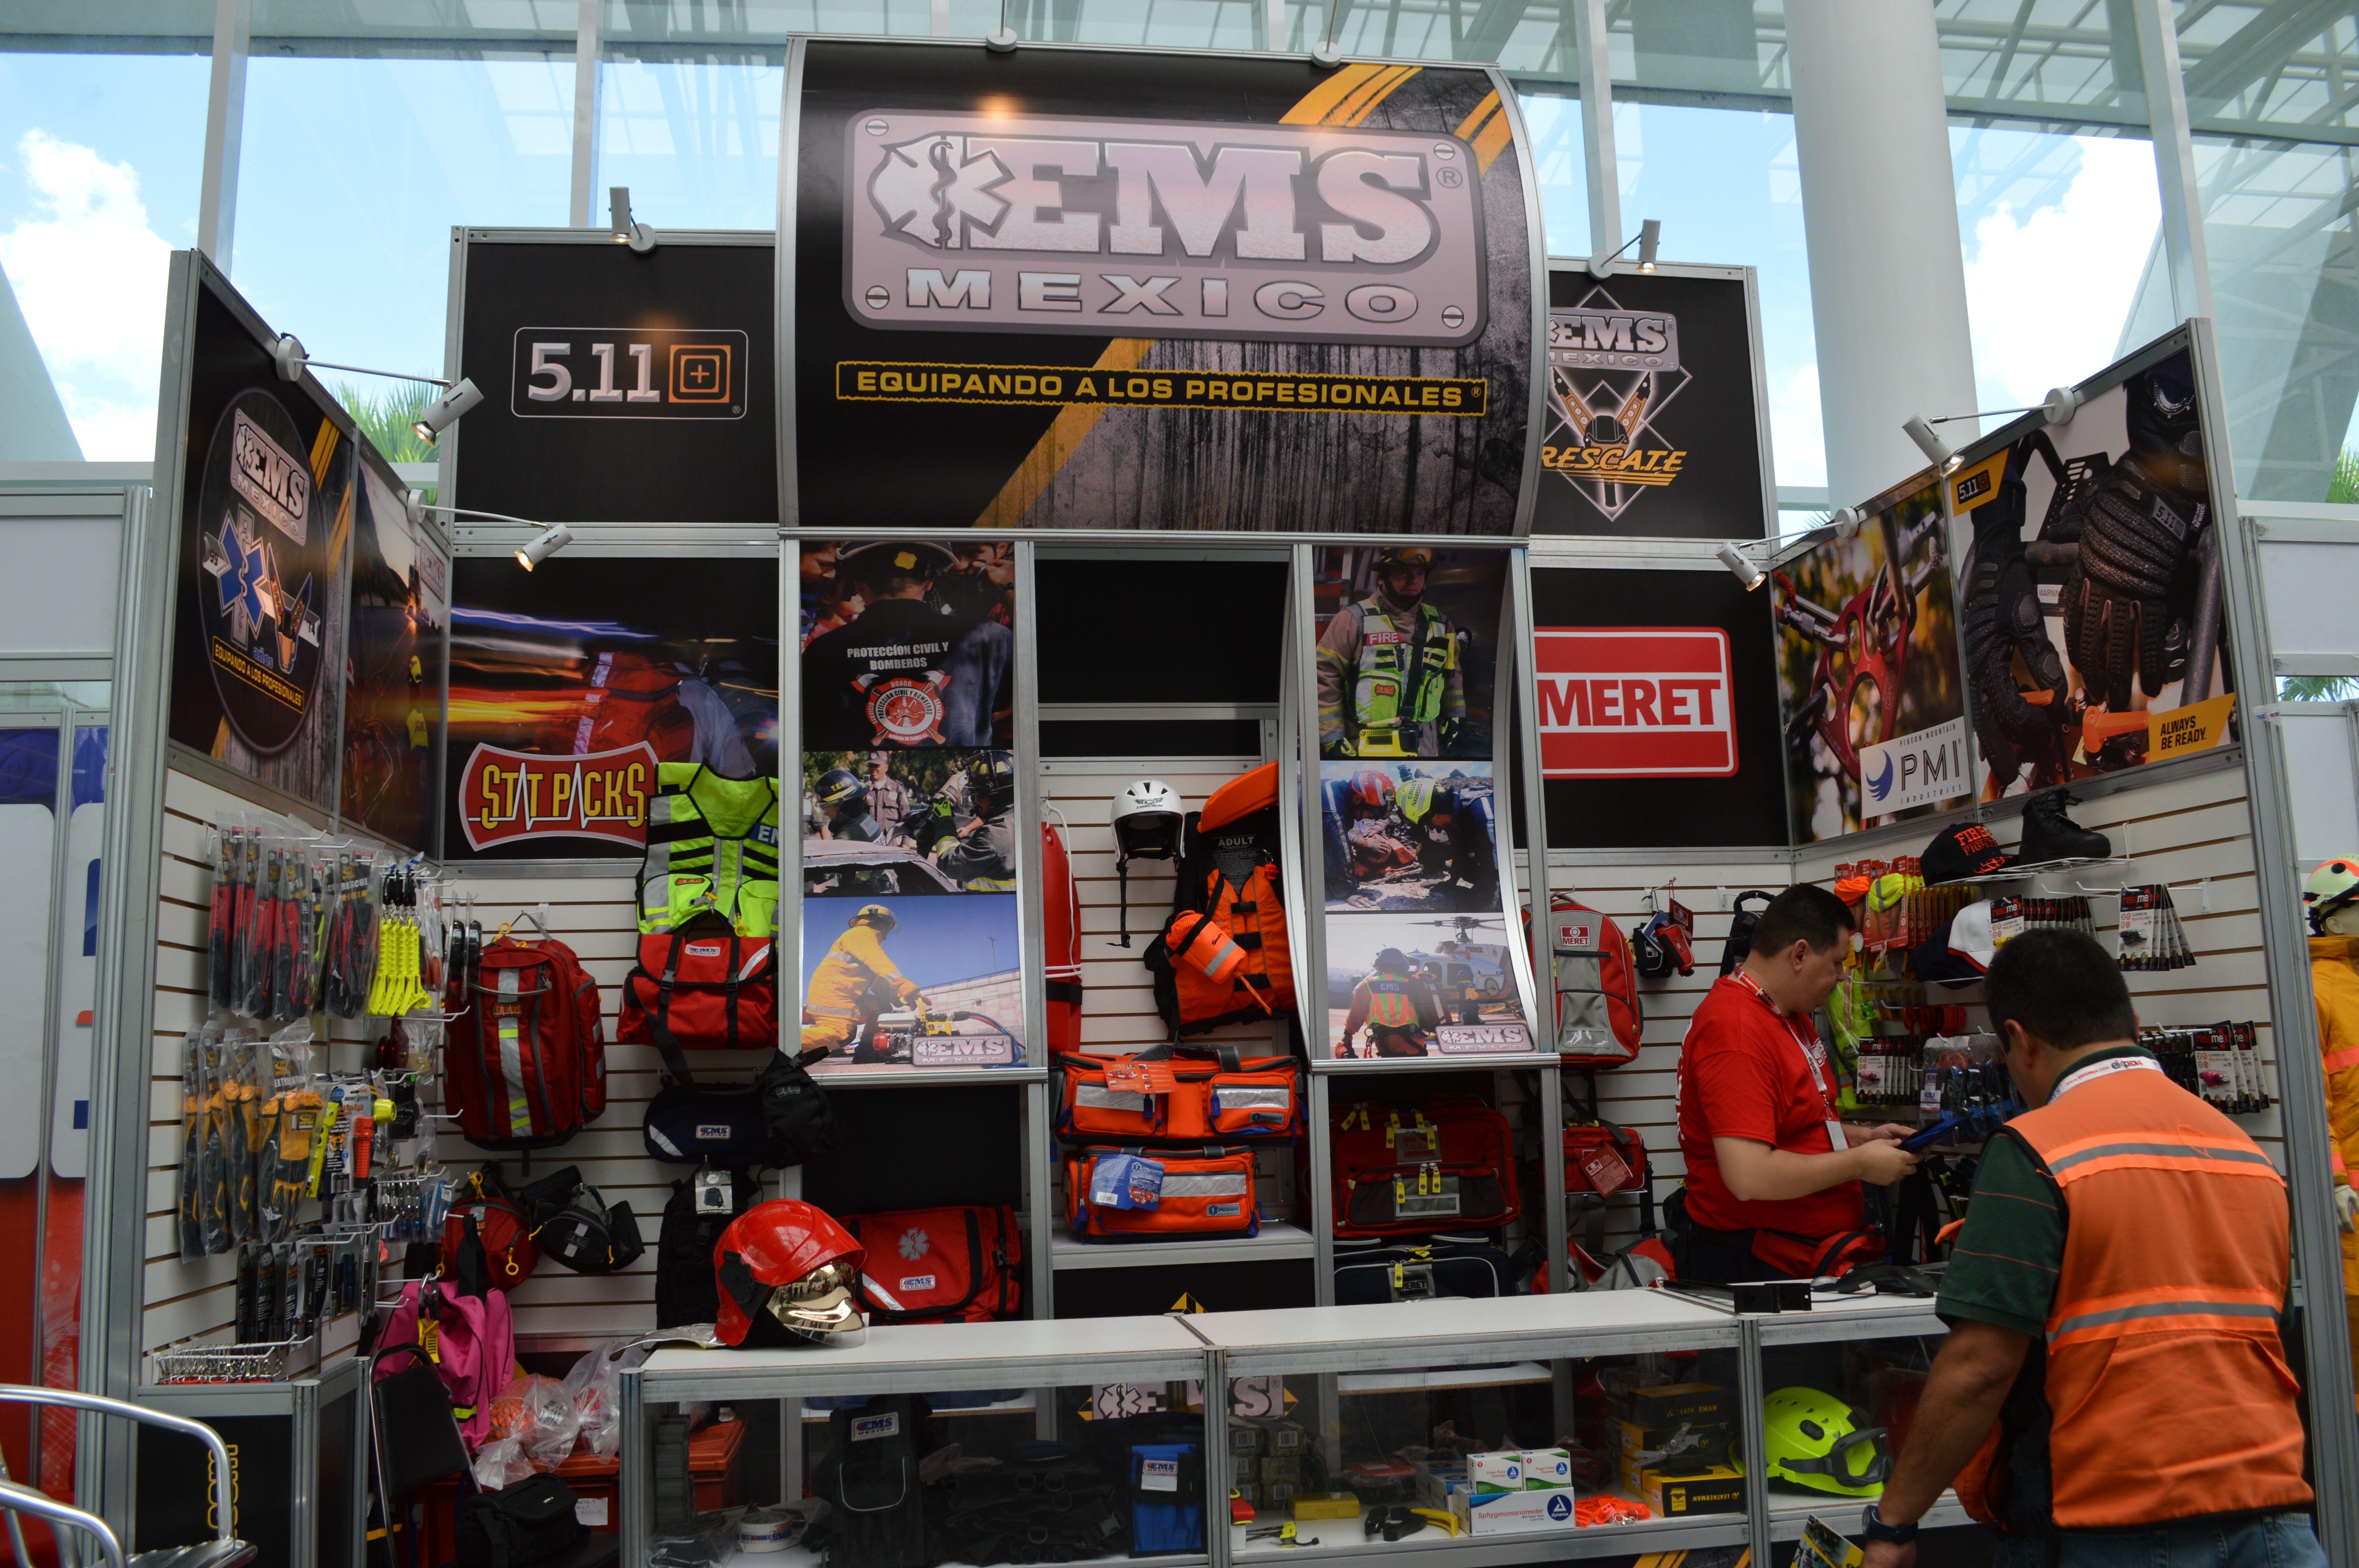 Hoy Viernes 29 Agosto,  último día EMS Mexico en  Expo Bombero 2014 los seguimos esperando ☺ Arteaga,Coahuila.  EMS México   Equipando a los Profesionales